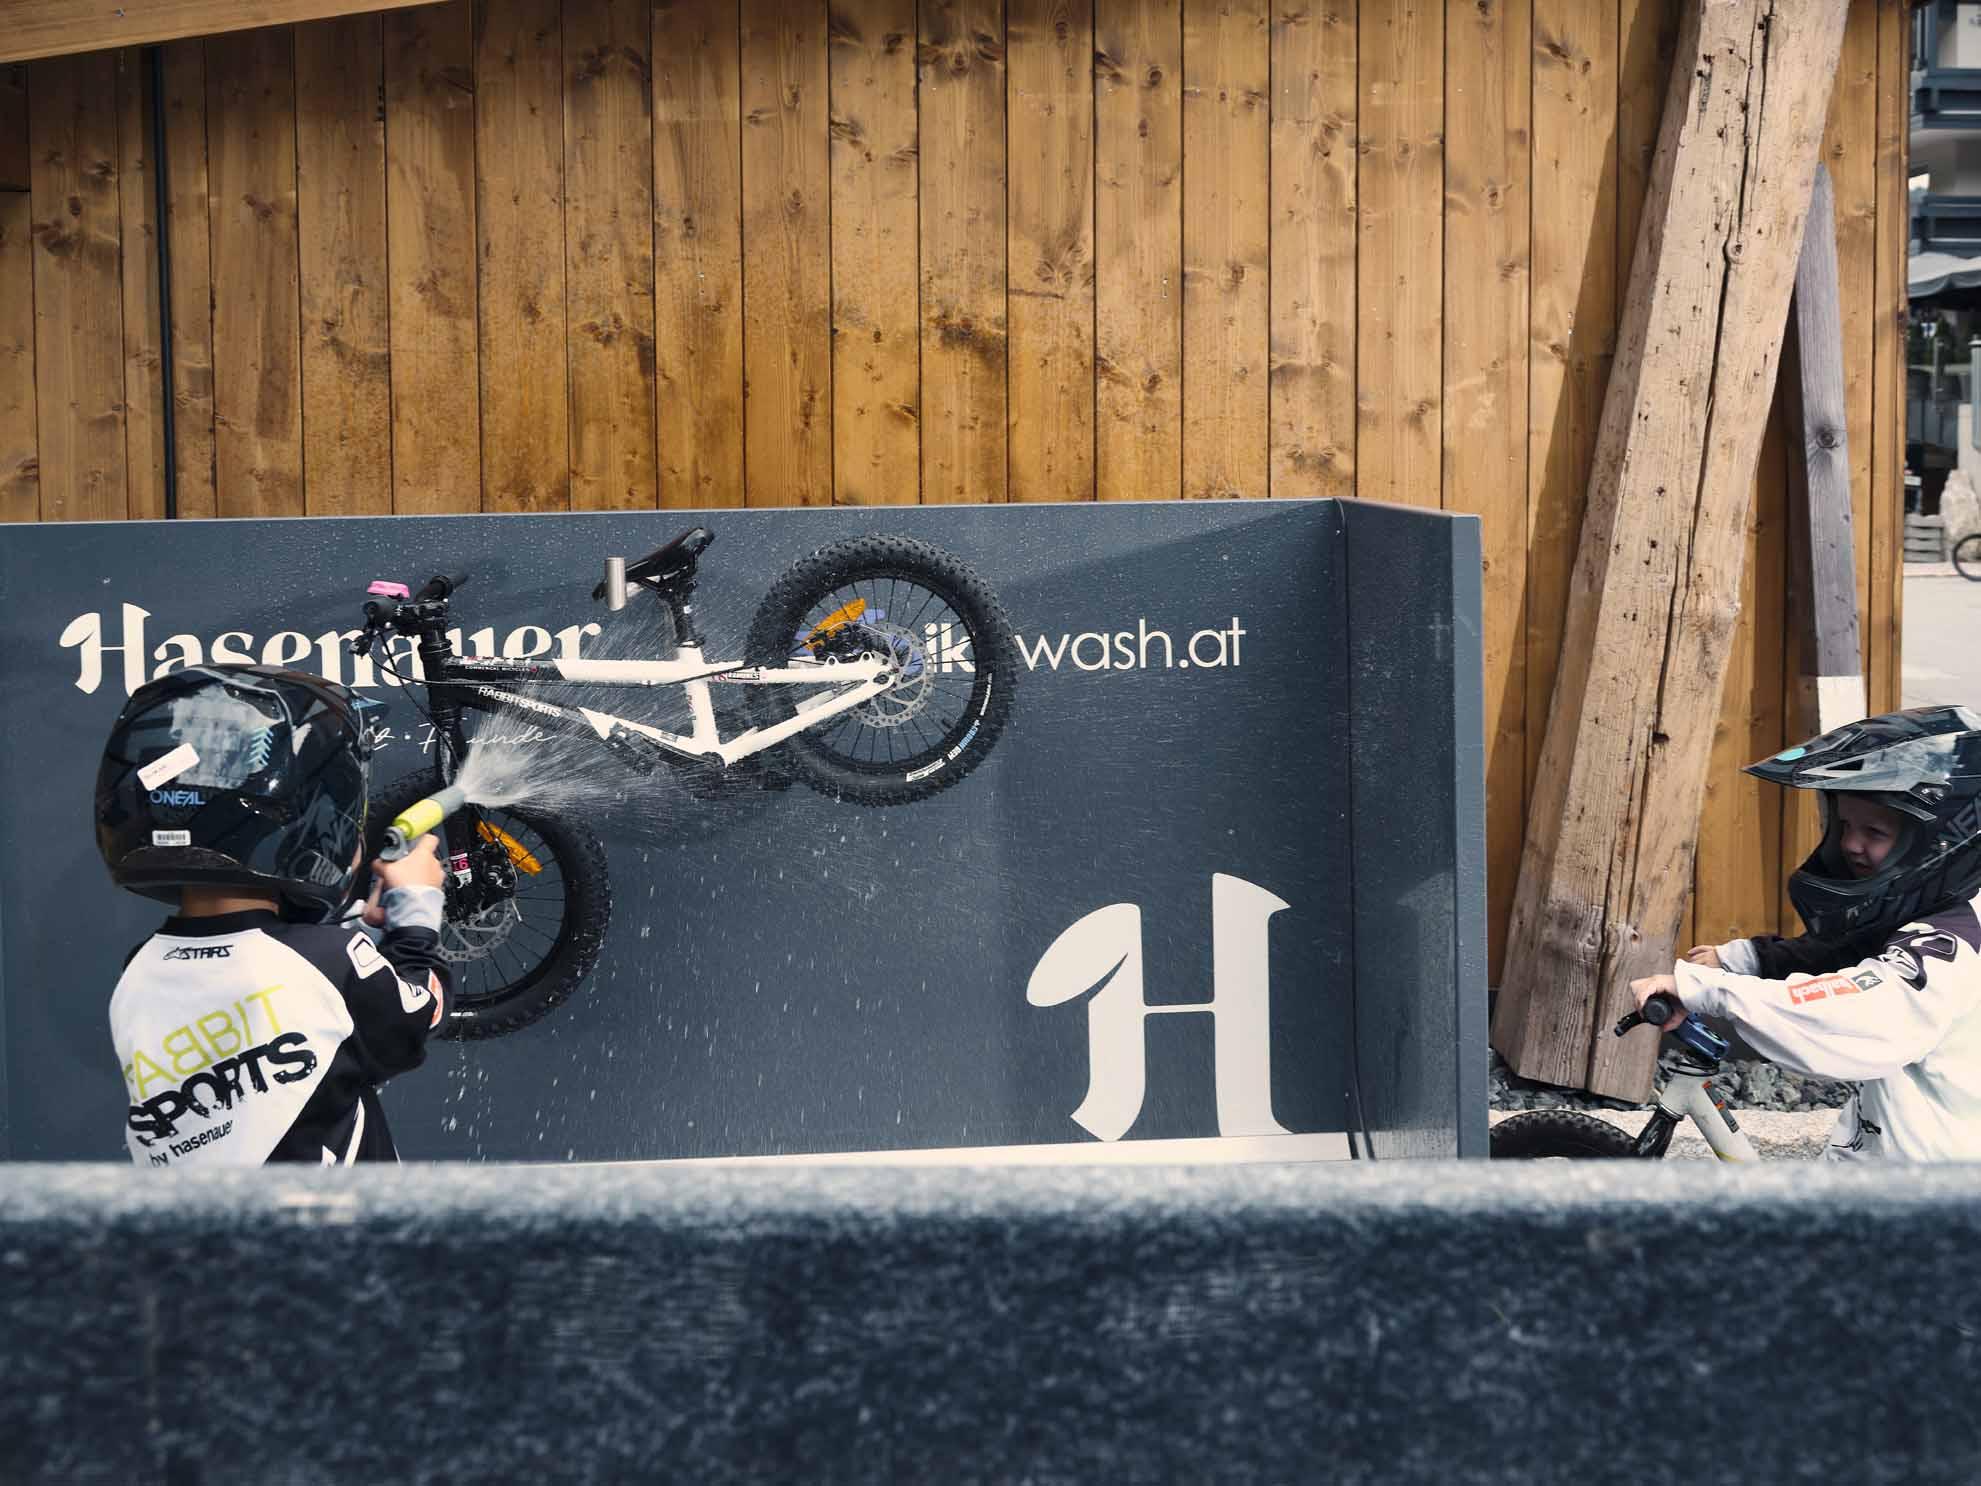 Ein Kind wäscht sein Bike beim Bike-Waschplatz